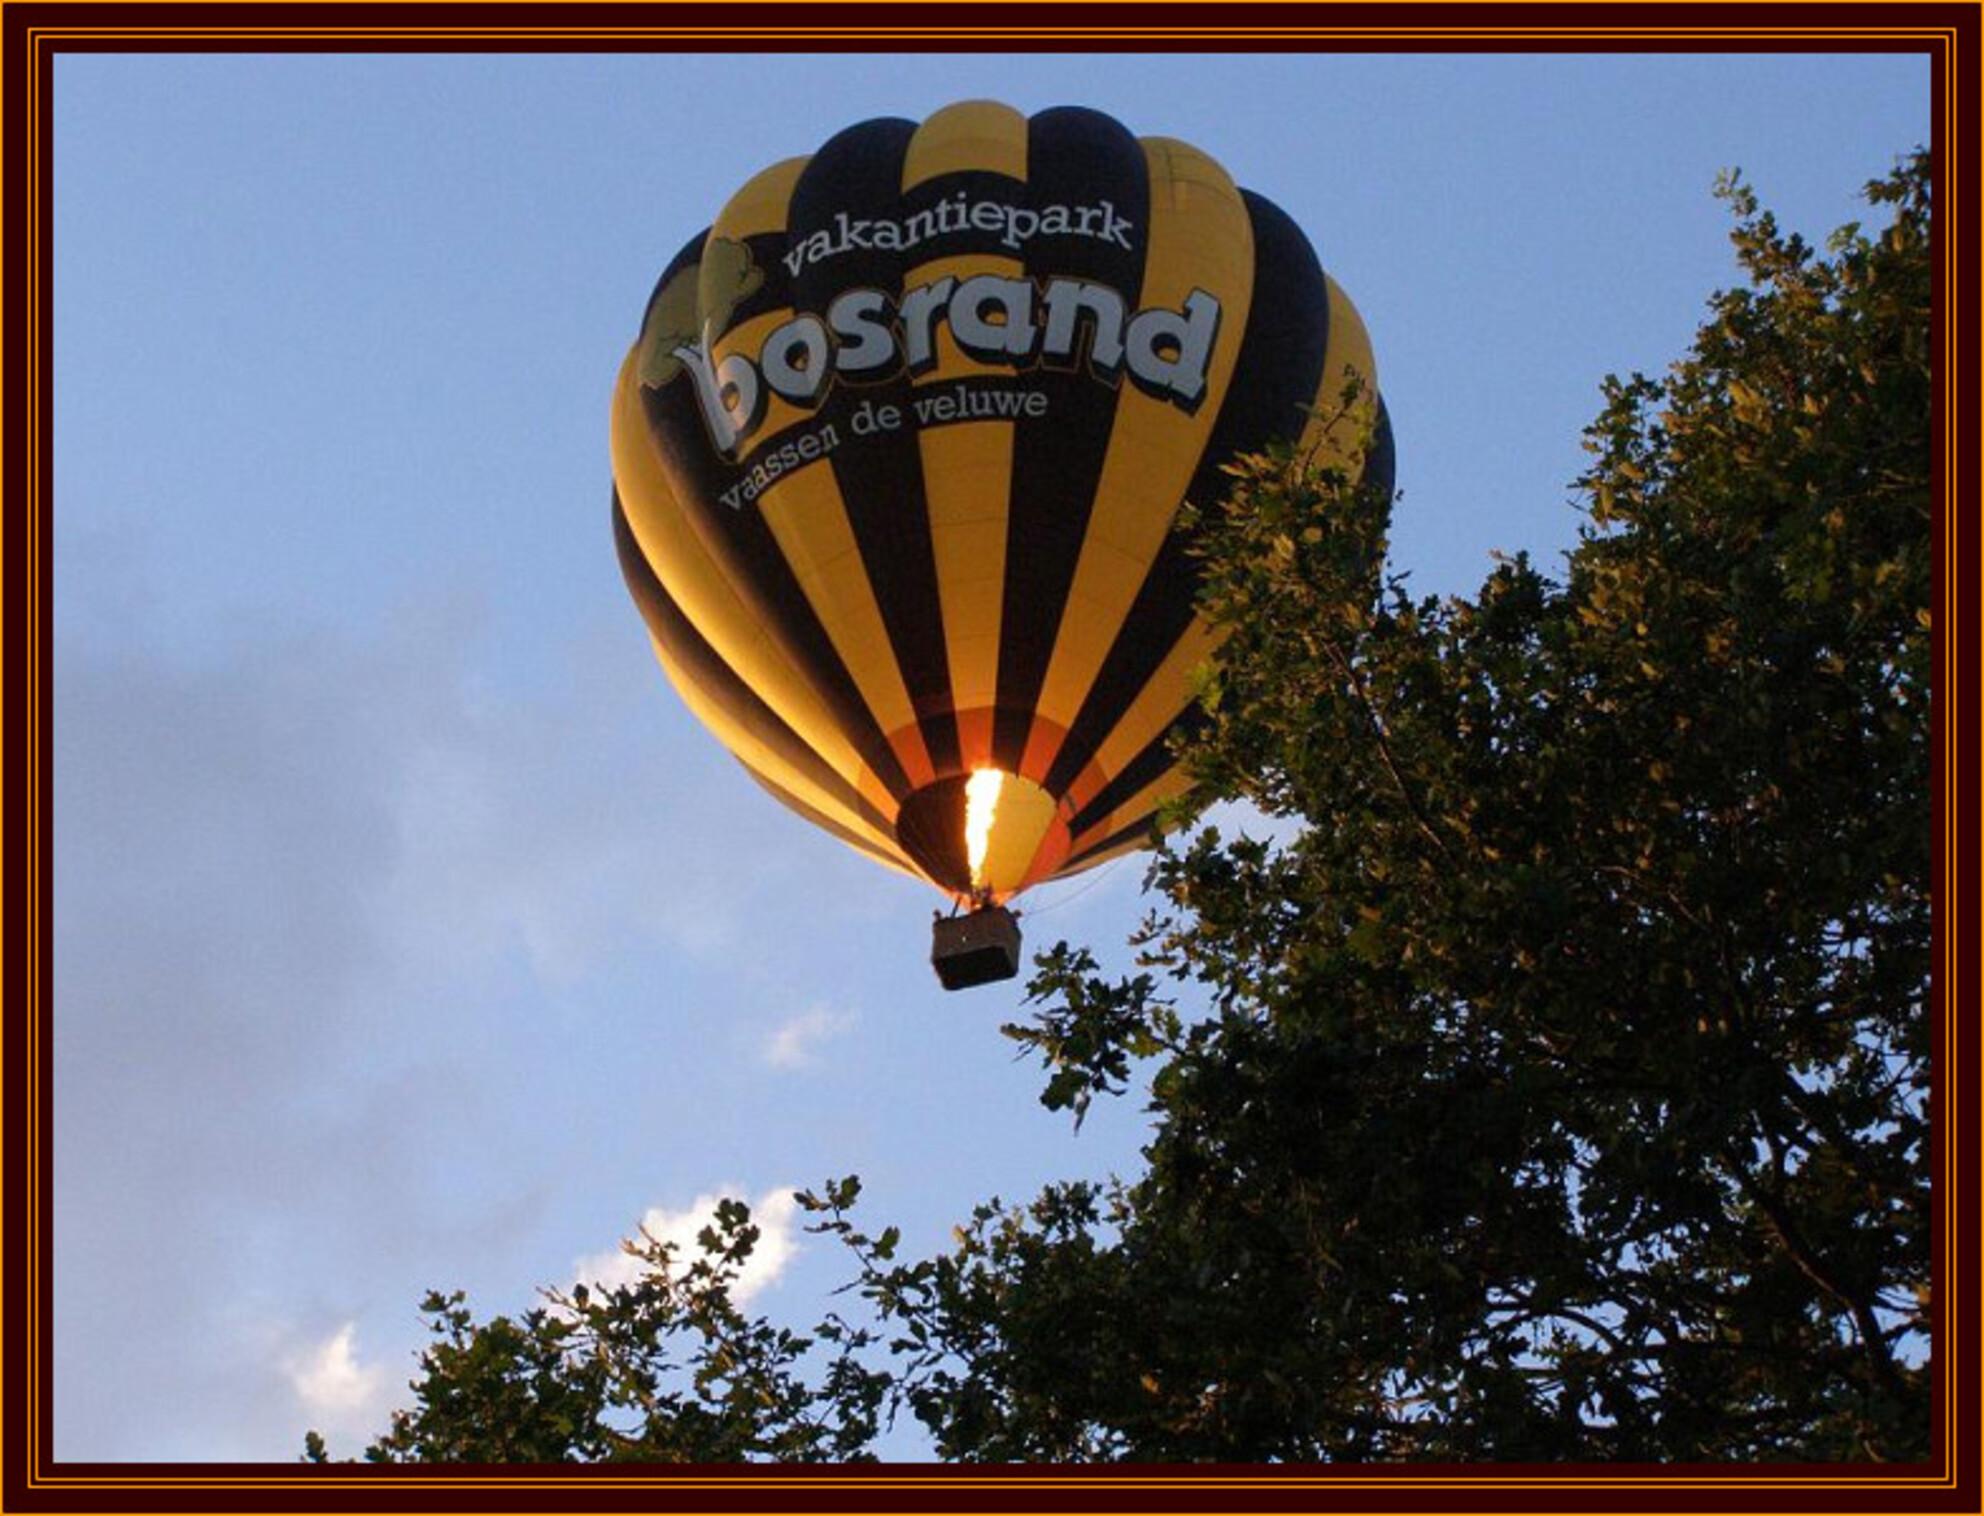 Bosrand - De ballon van Bosrand boven een bosrand. - foto door Duckie_zoom op 19-08-2007 - deze foto bevat: bosrand, ballon, heteluchtballon, ballovaart